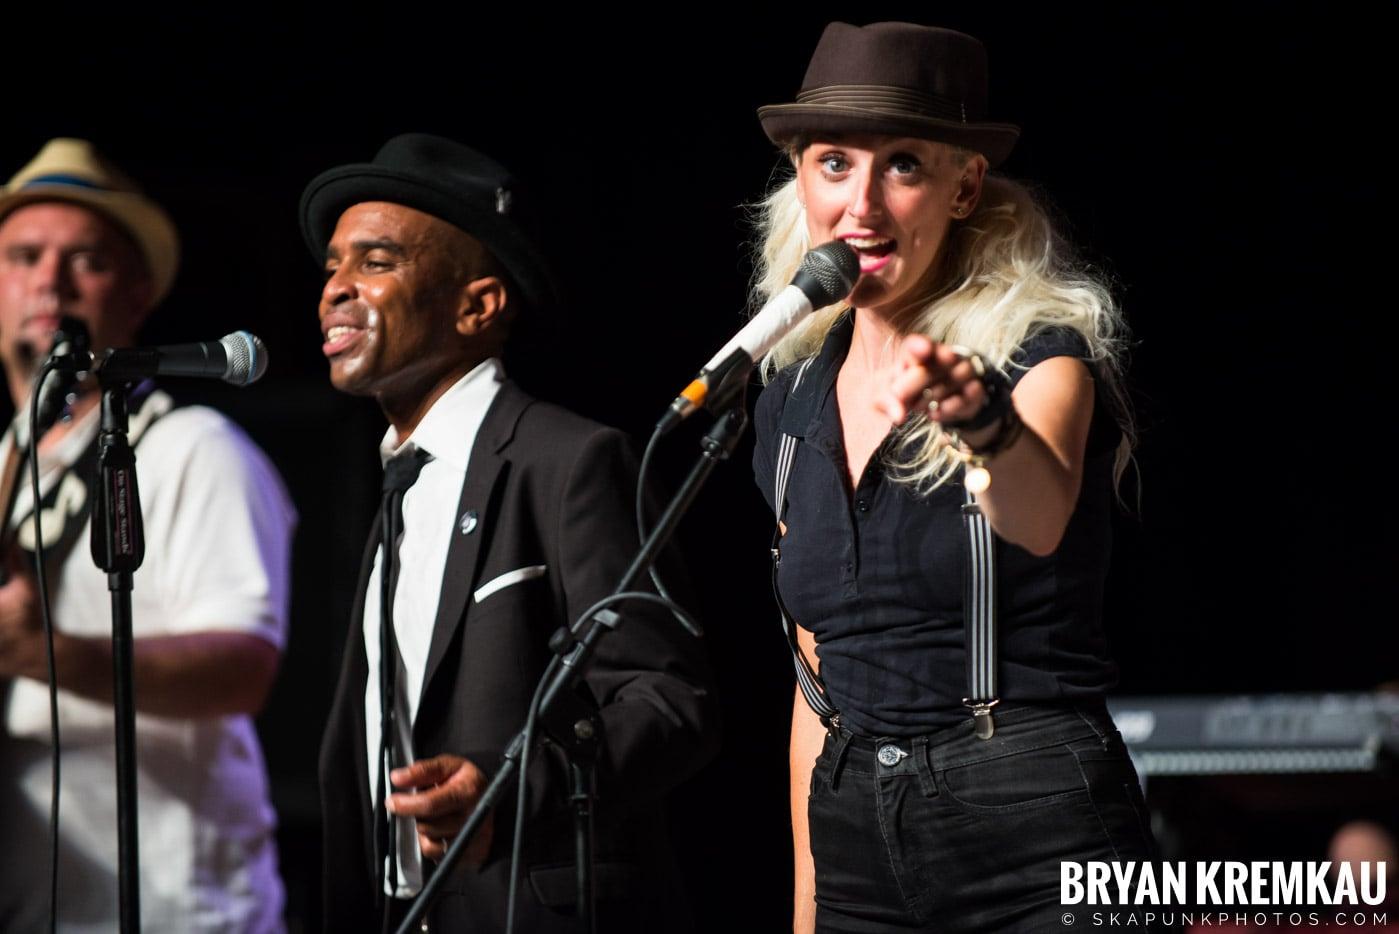 Rude Boy George @ Oskar Schindler Performing Arts Center, West Orange, NJ - 8.19.17 (28)